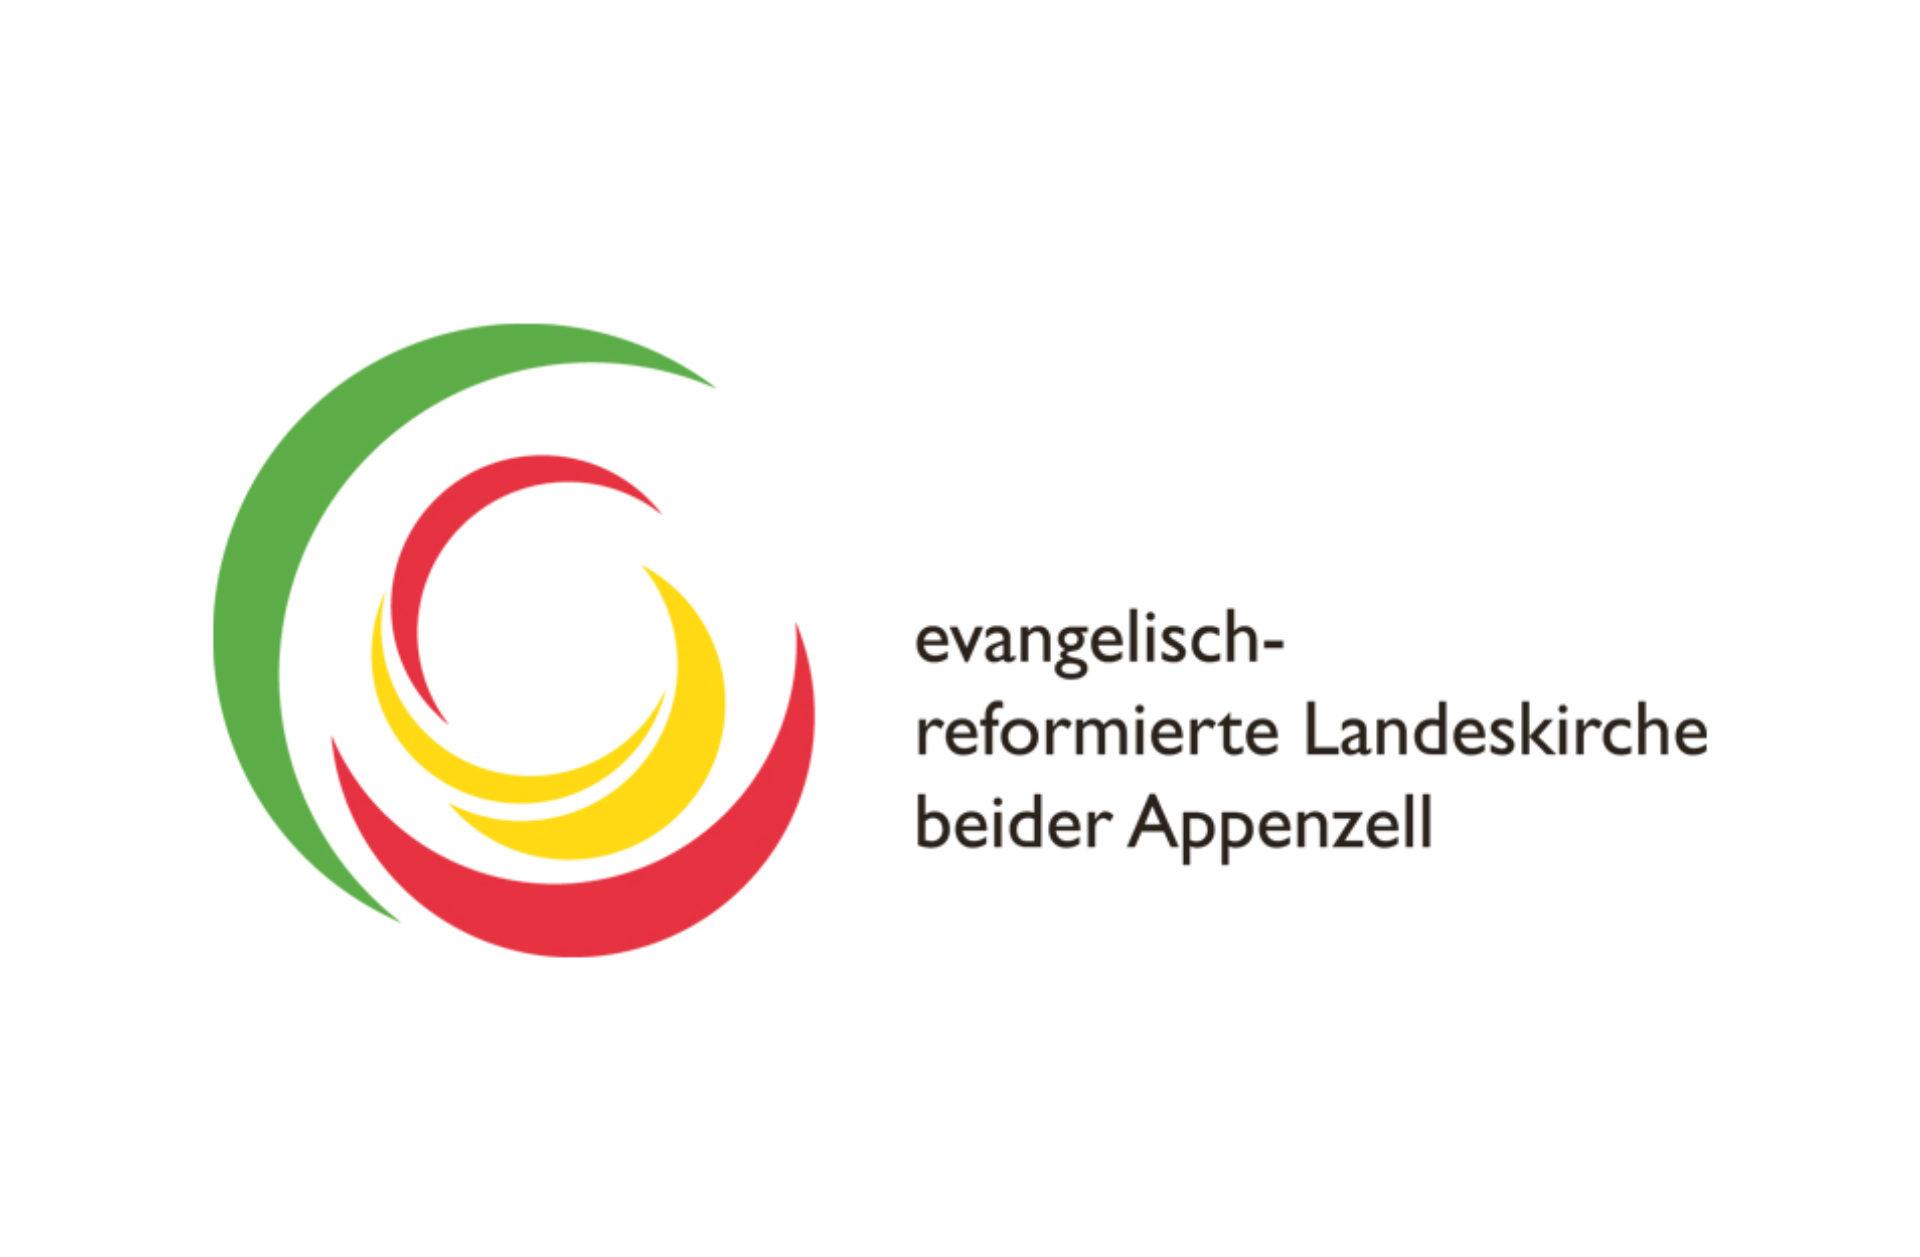 Evangelisch-reformierte Landeskirche beider Appenzell